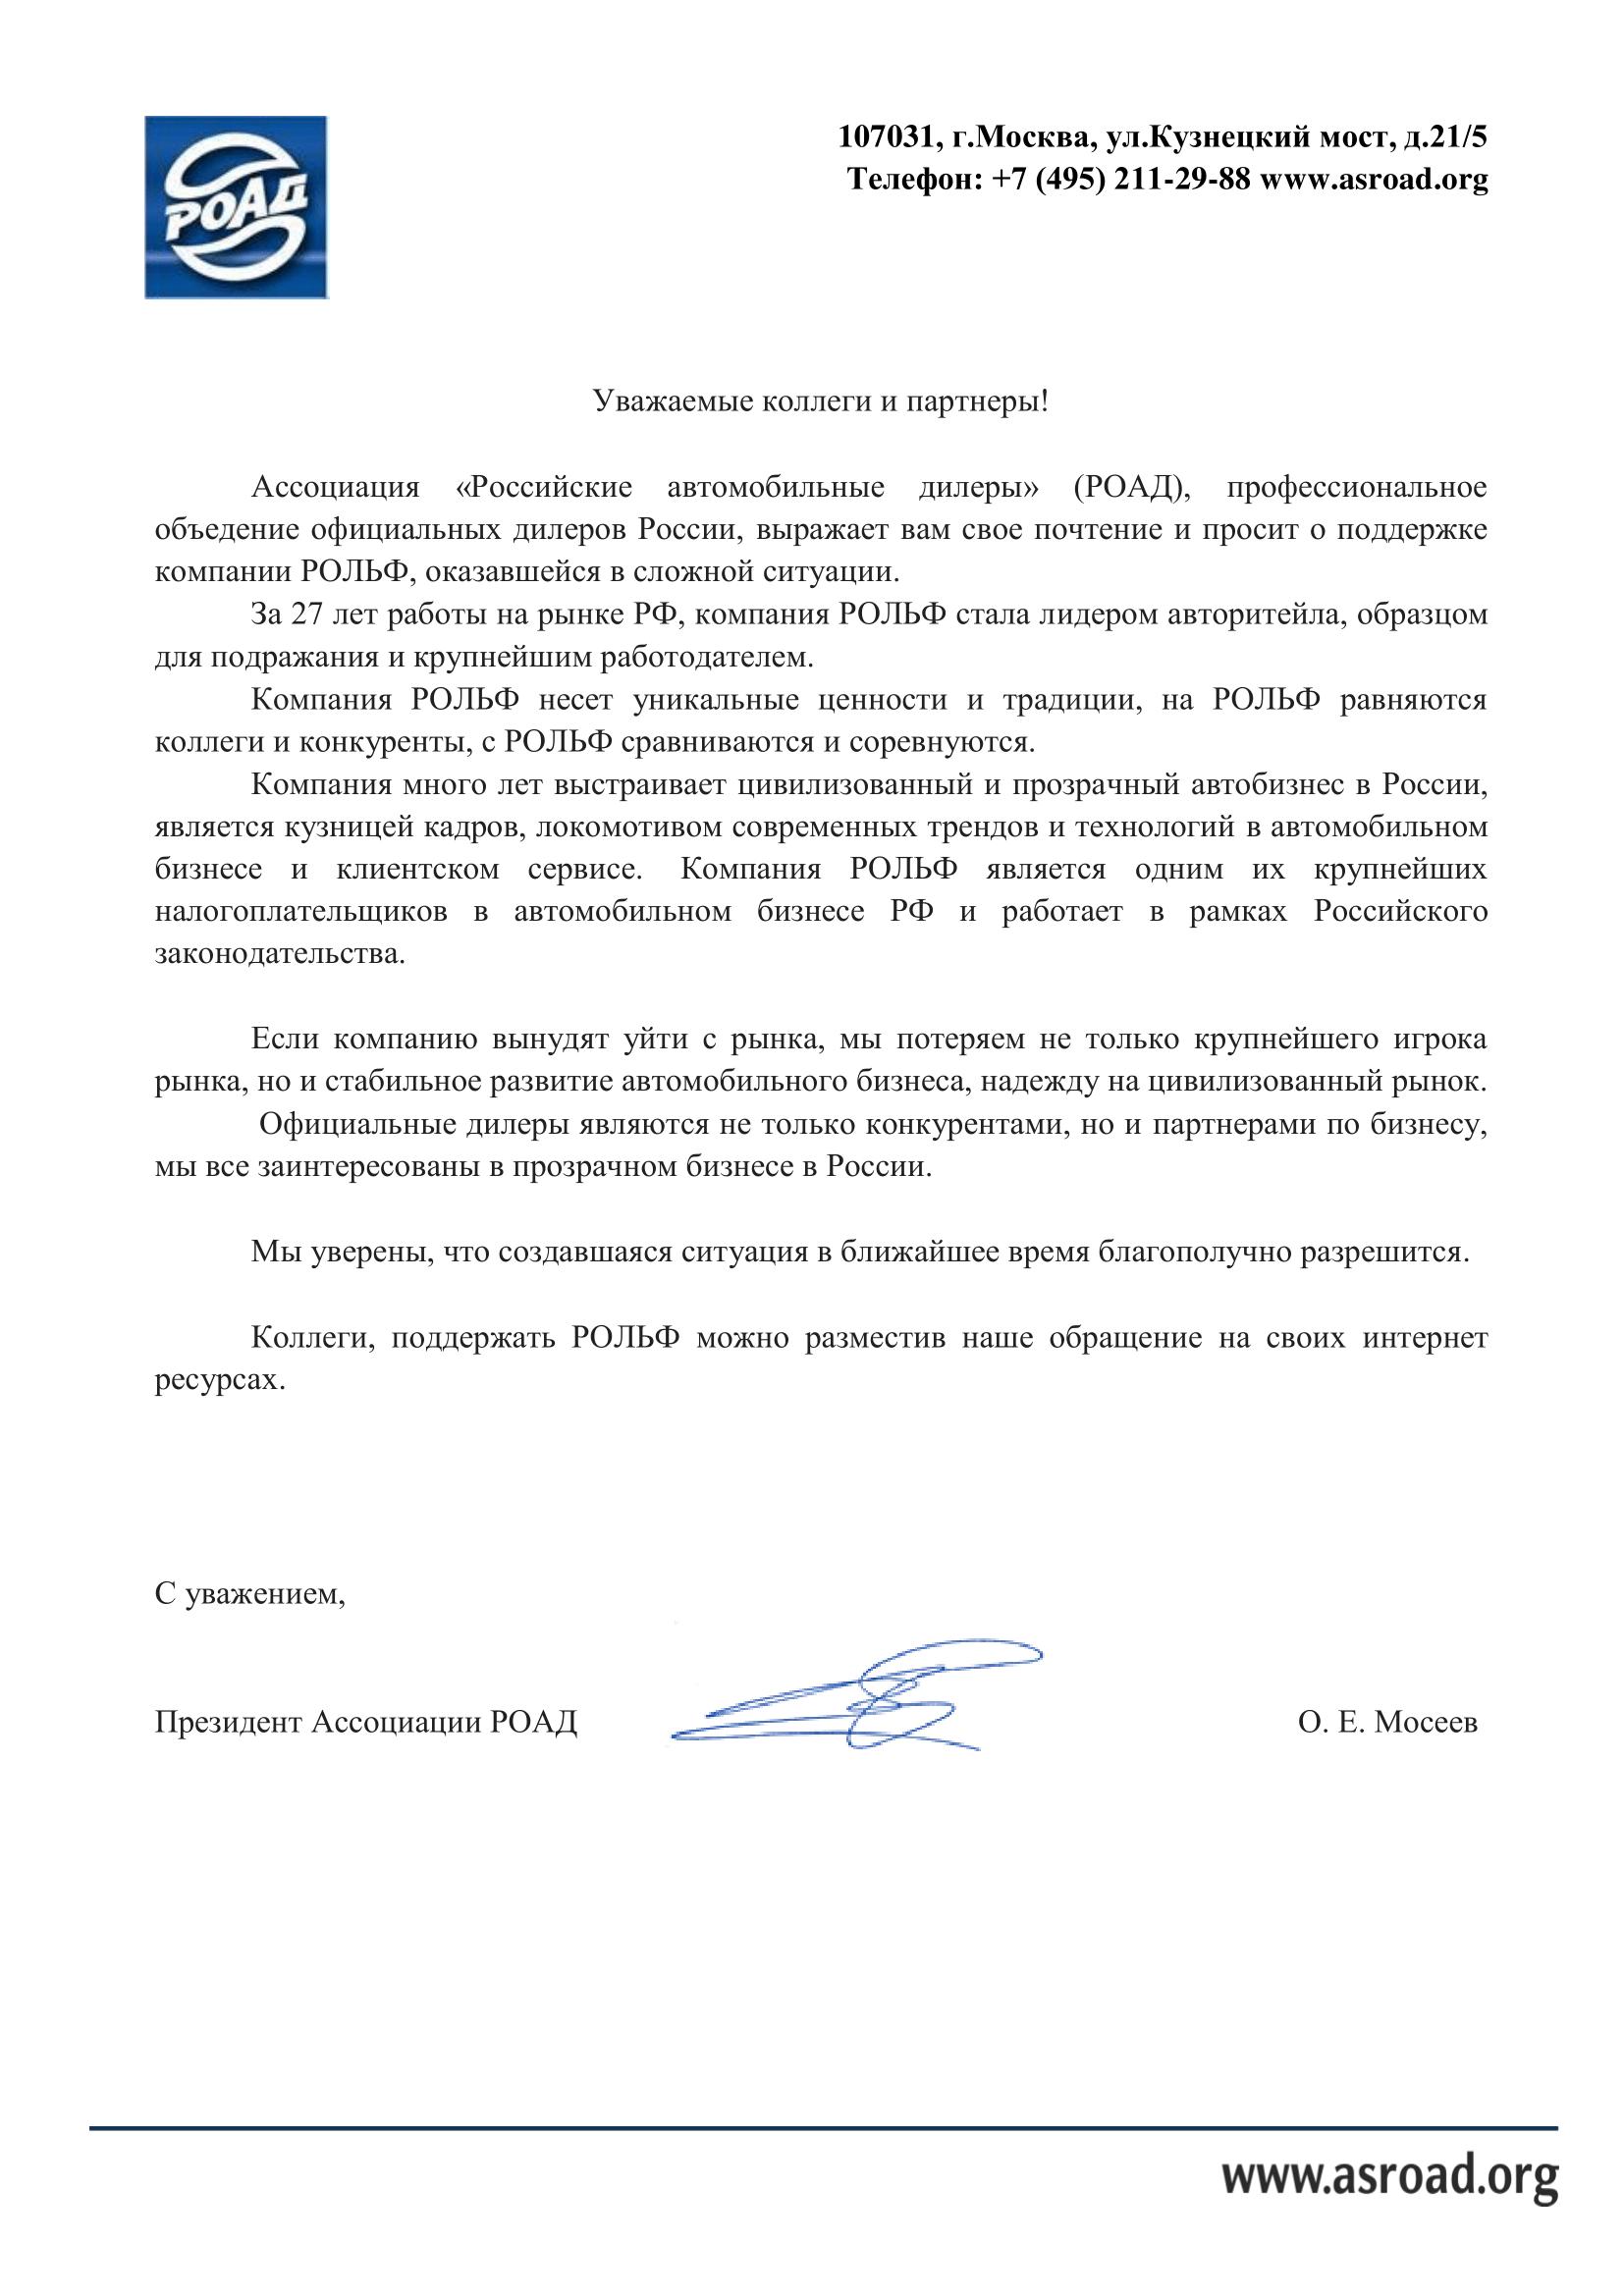 Обращение президента Ассоциации РОАД